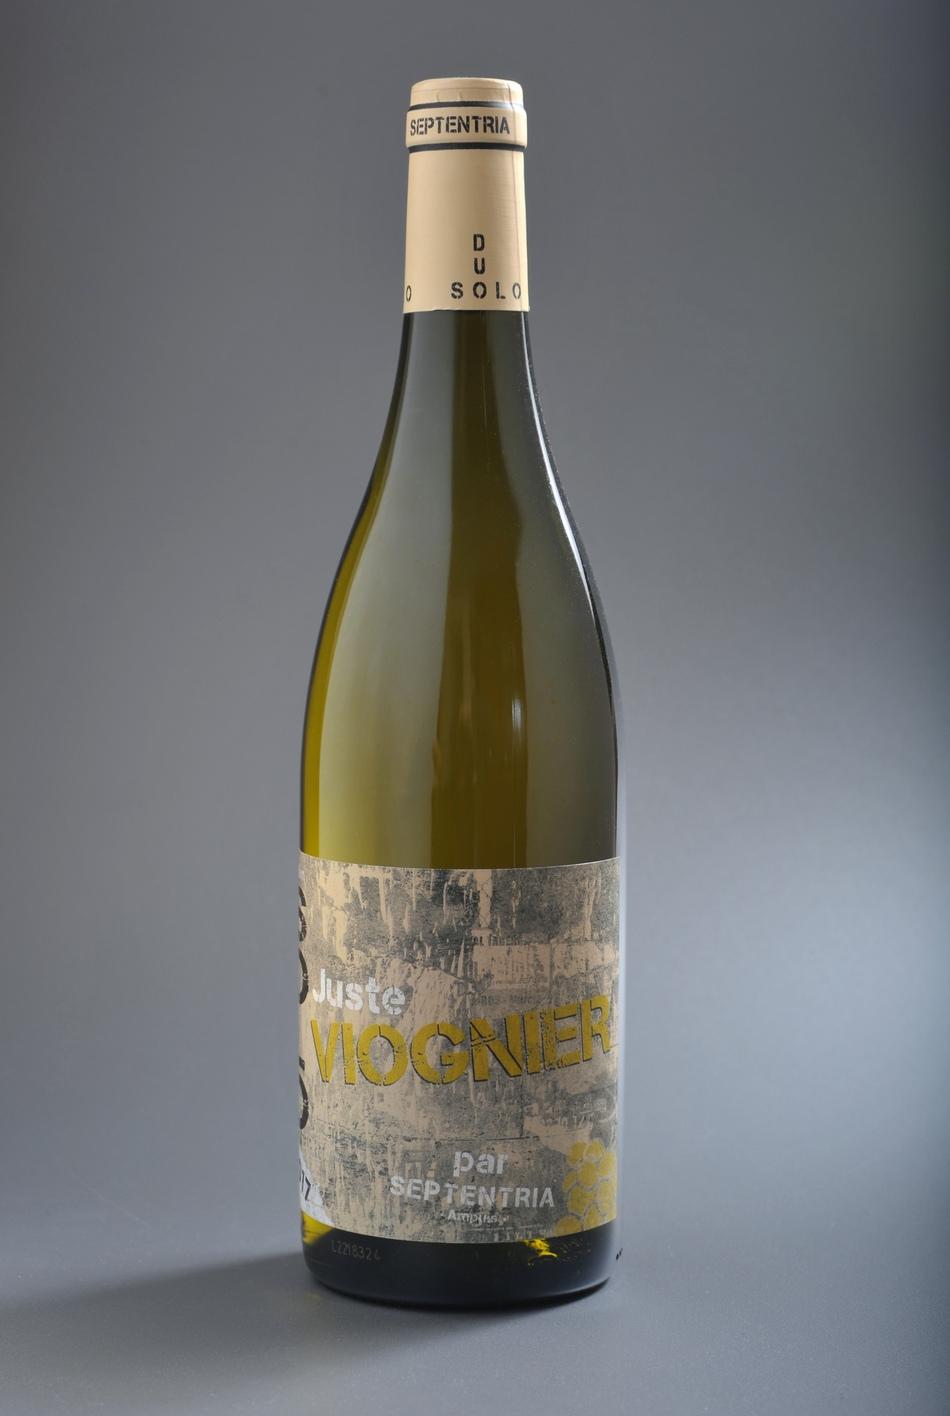 Domaine de Bonserine Côte du Rhône blanc de la gamme SEPTENTRIA